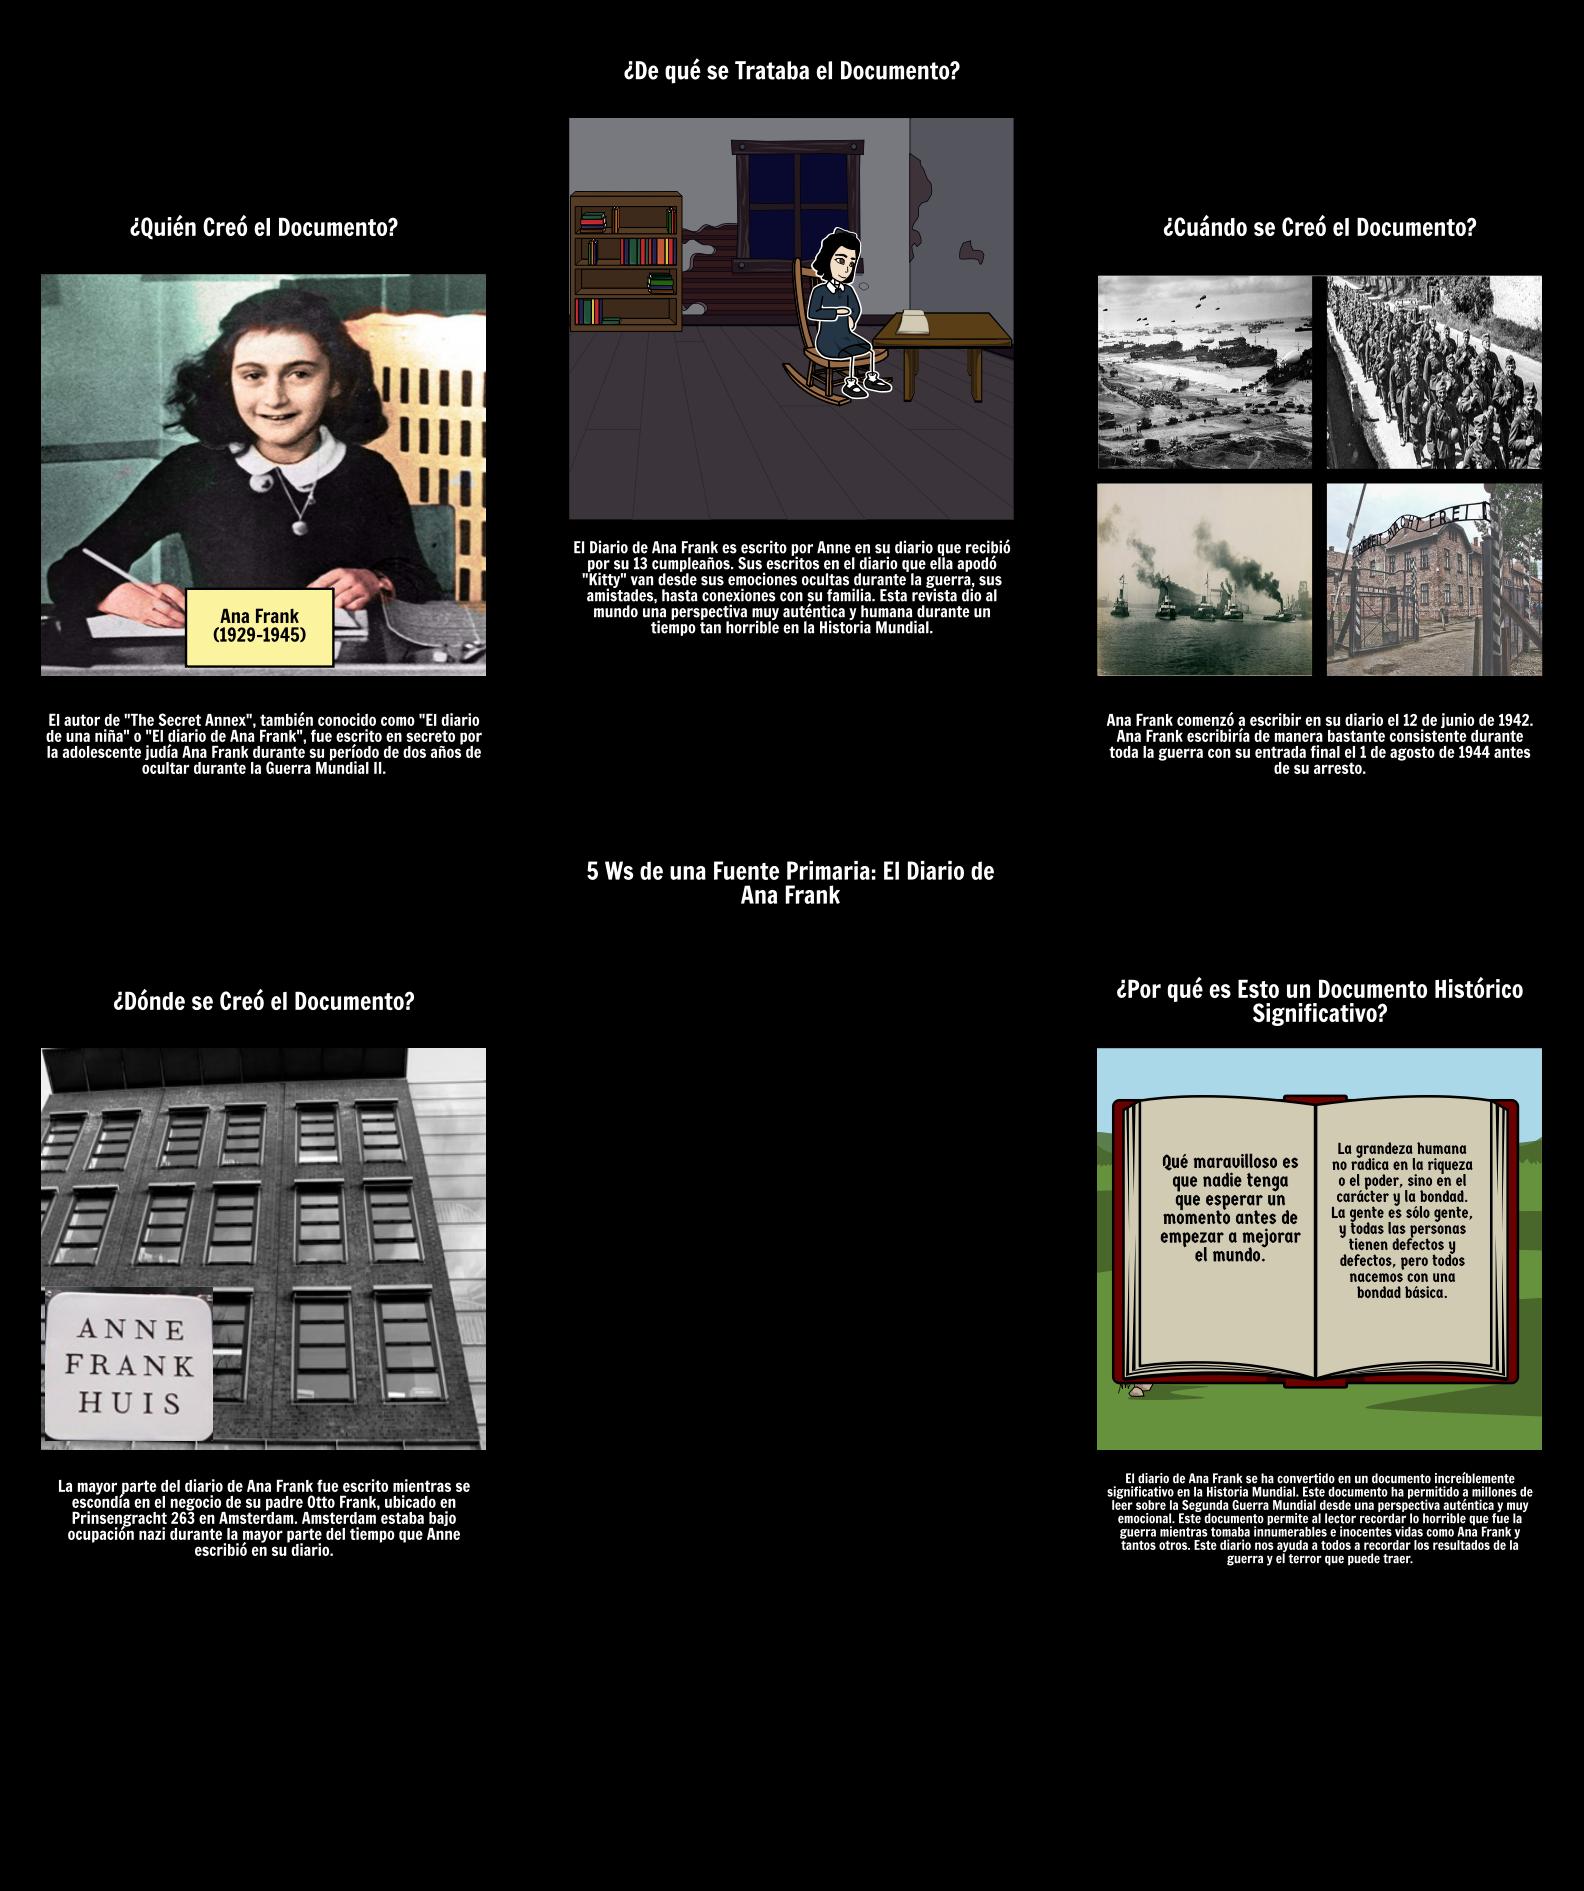 Fuente Primaria 5Ws: El Diario de Ana Frank